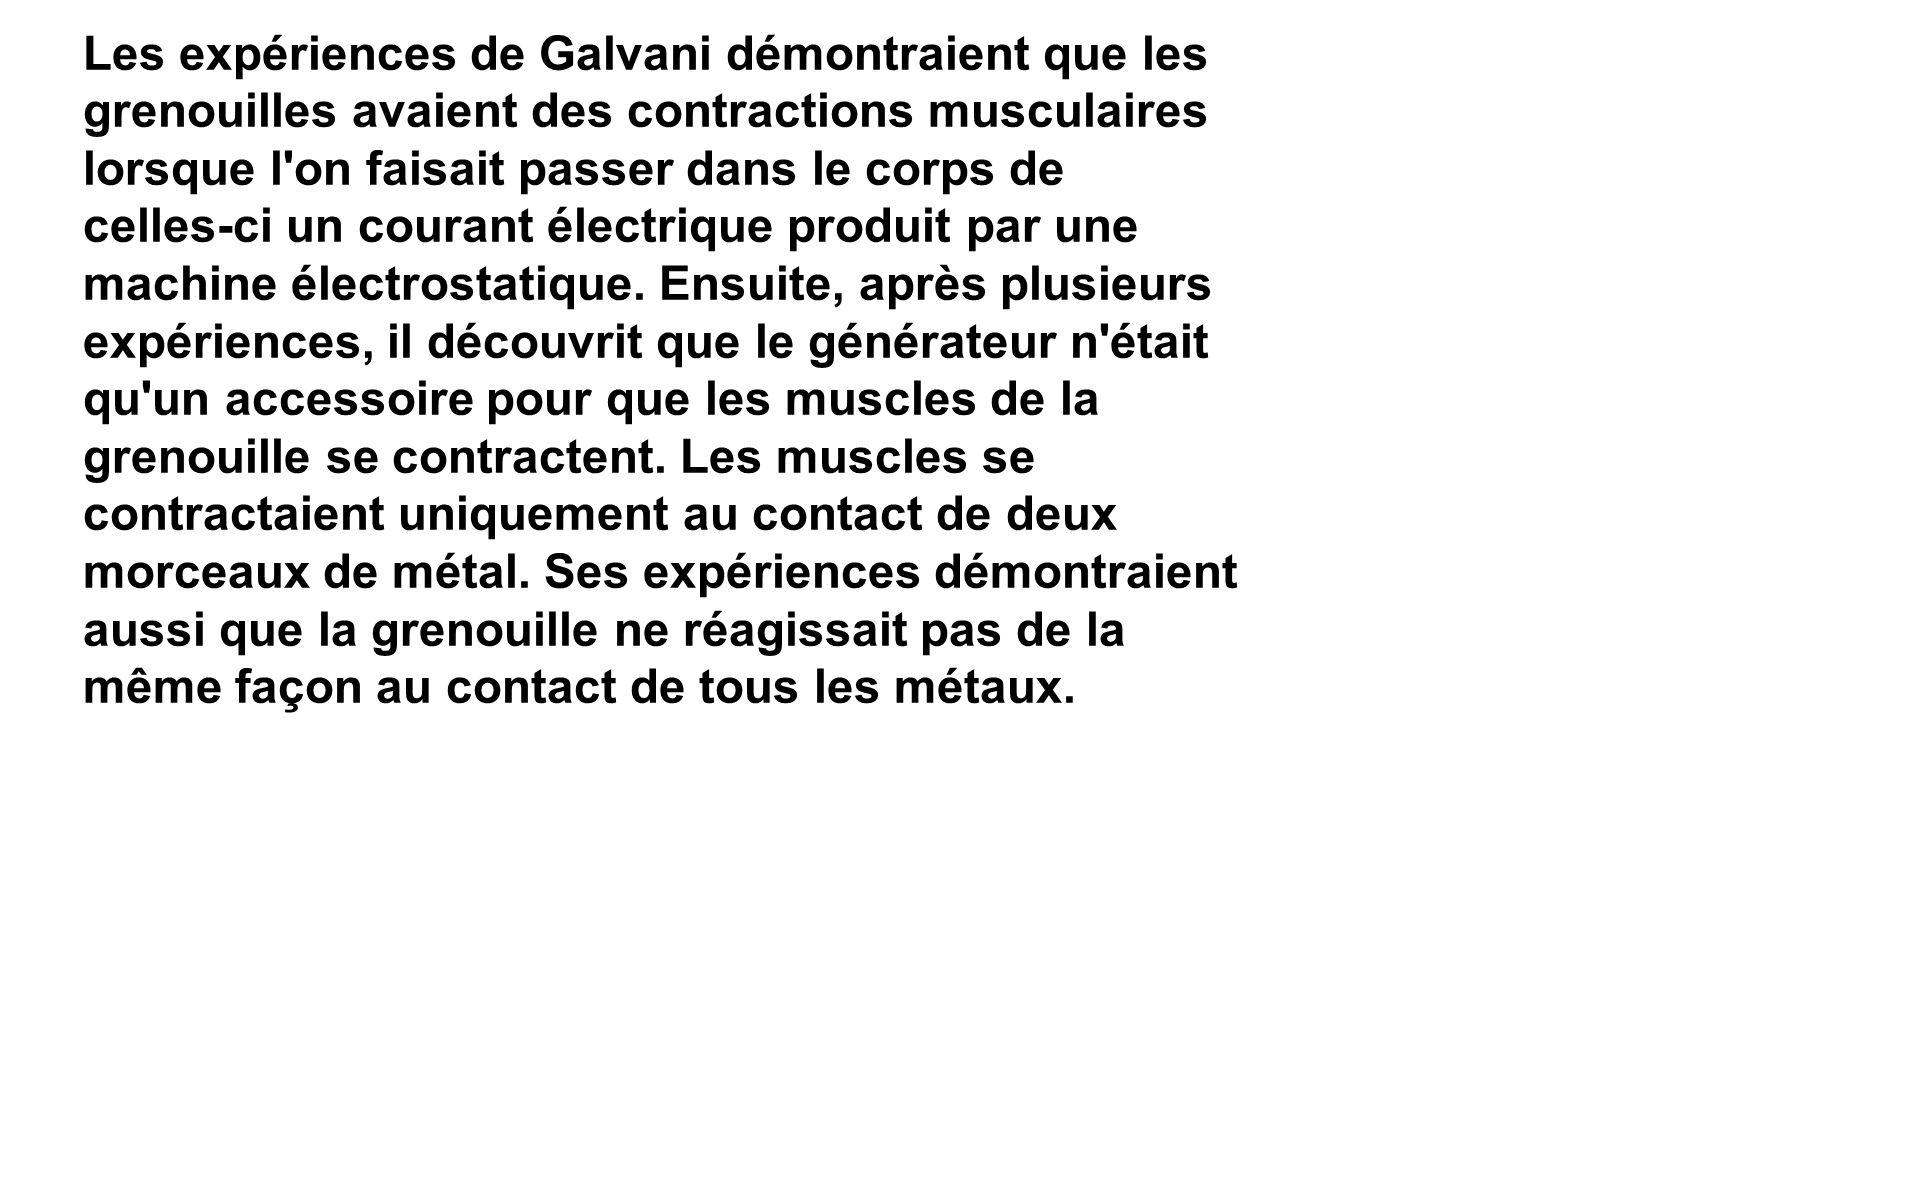 Les expériences de Galvani démontraient que les